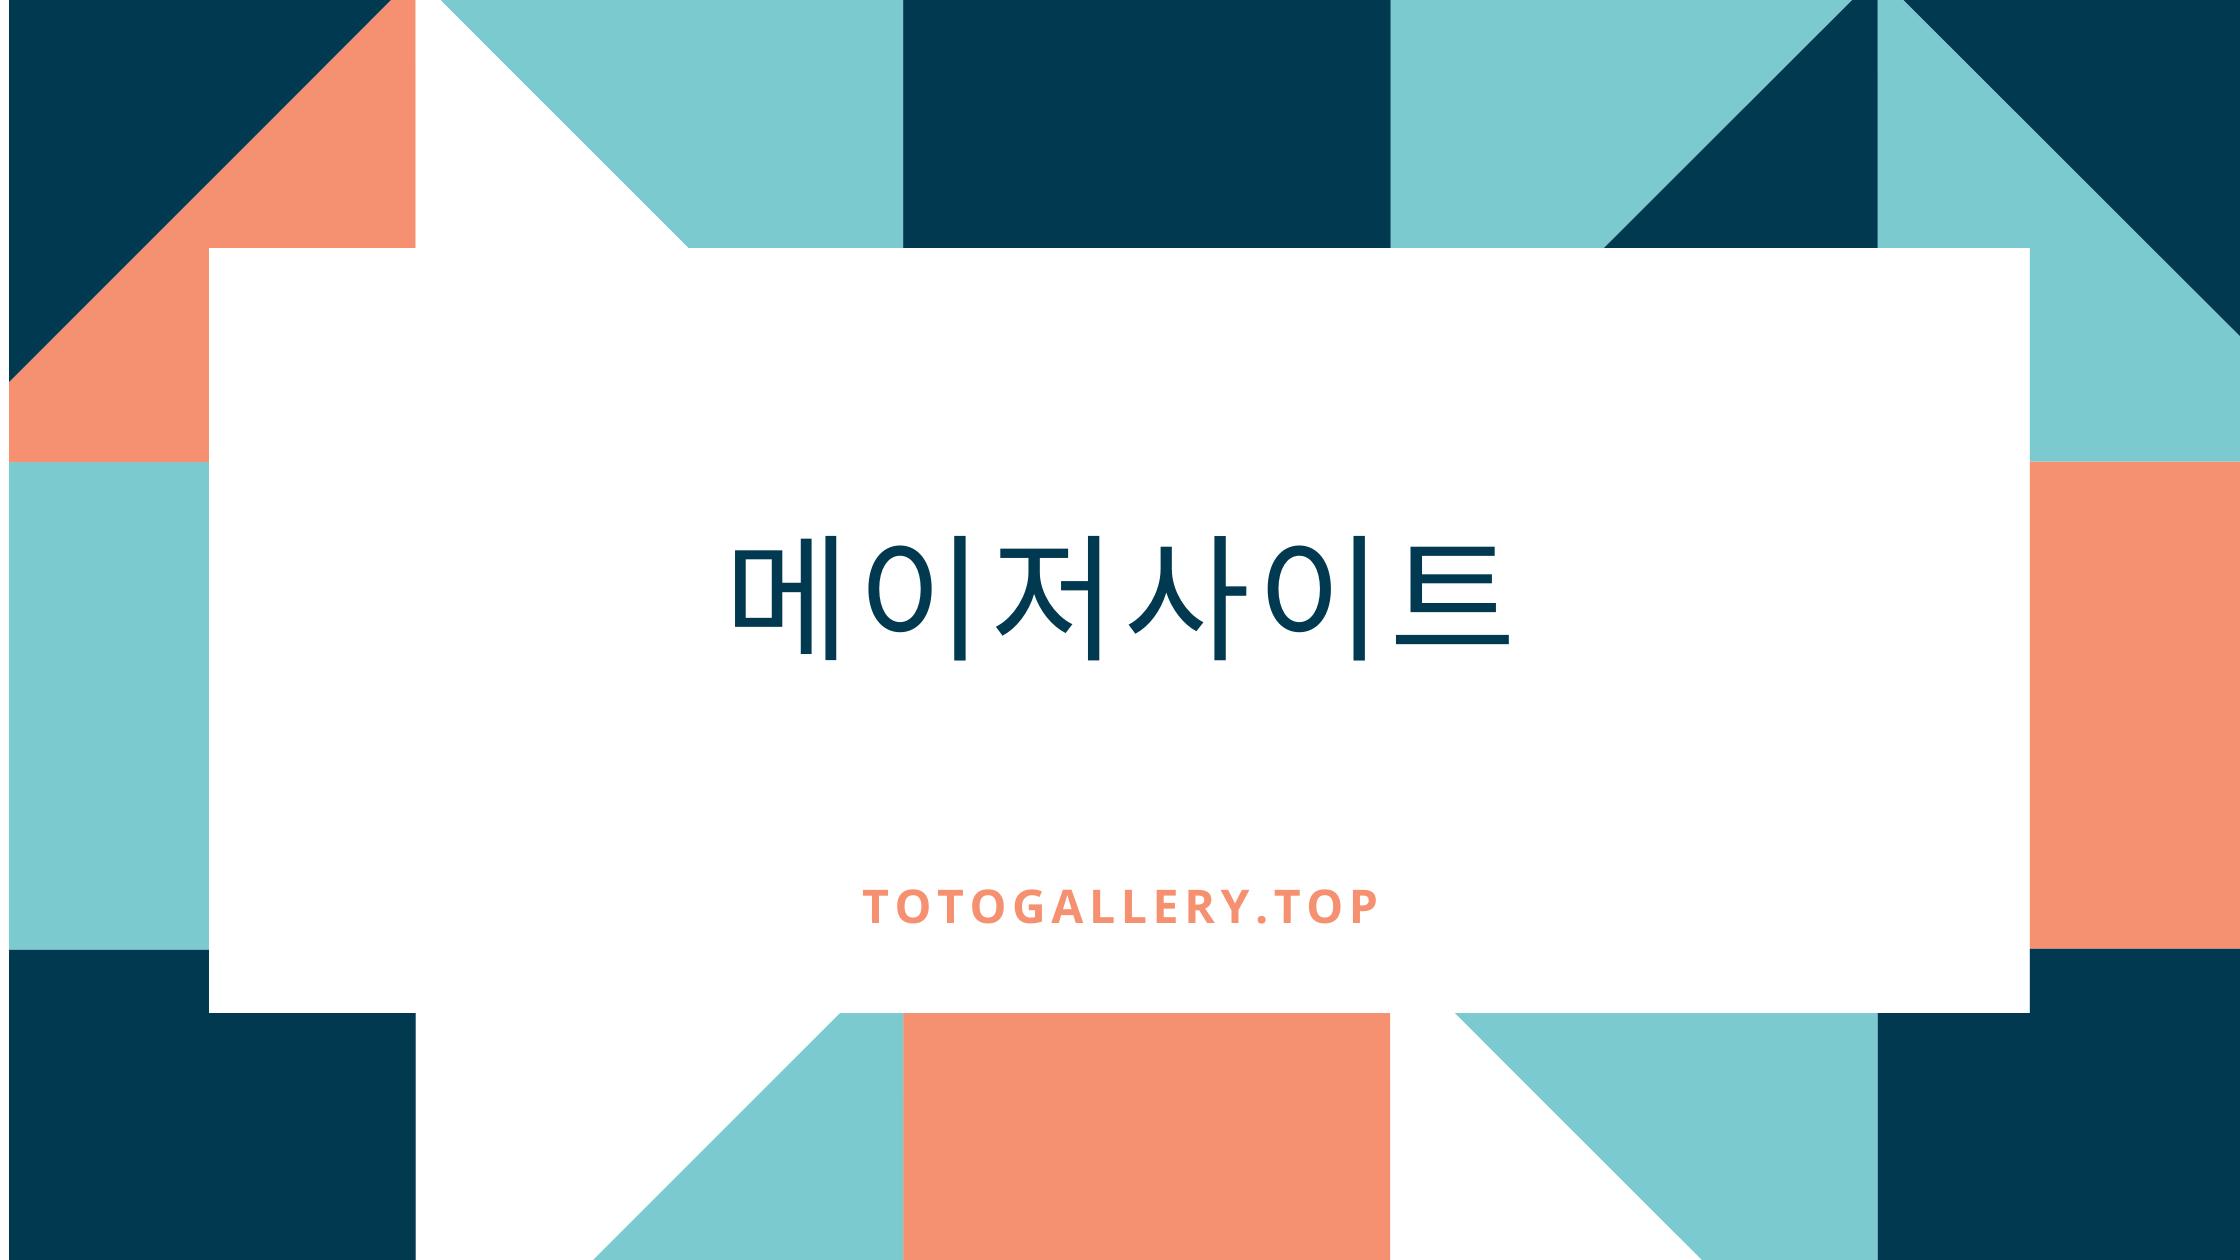 TOTO Site Verification